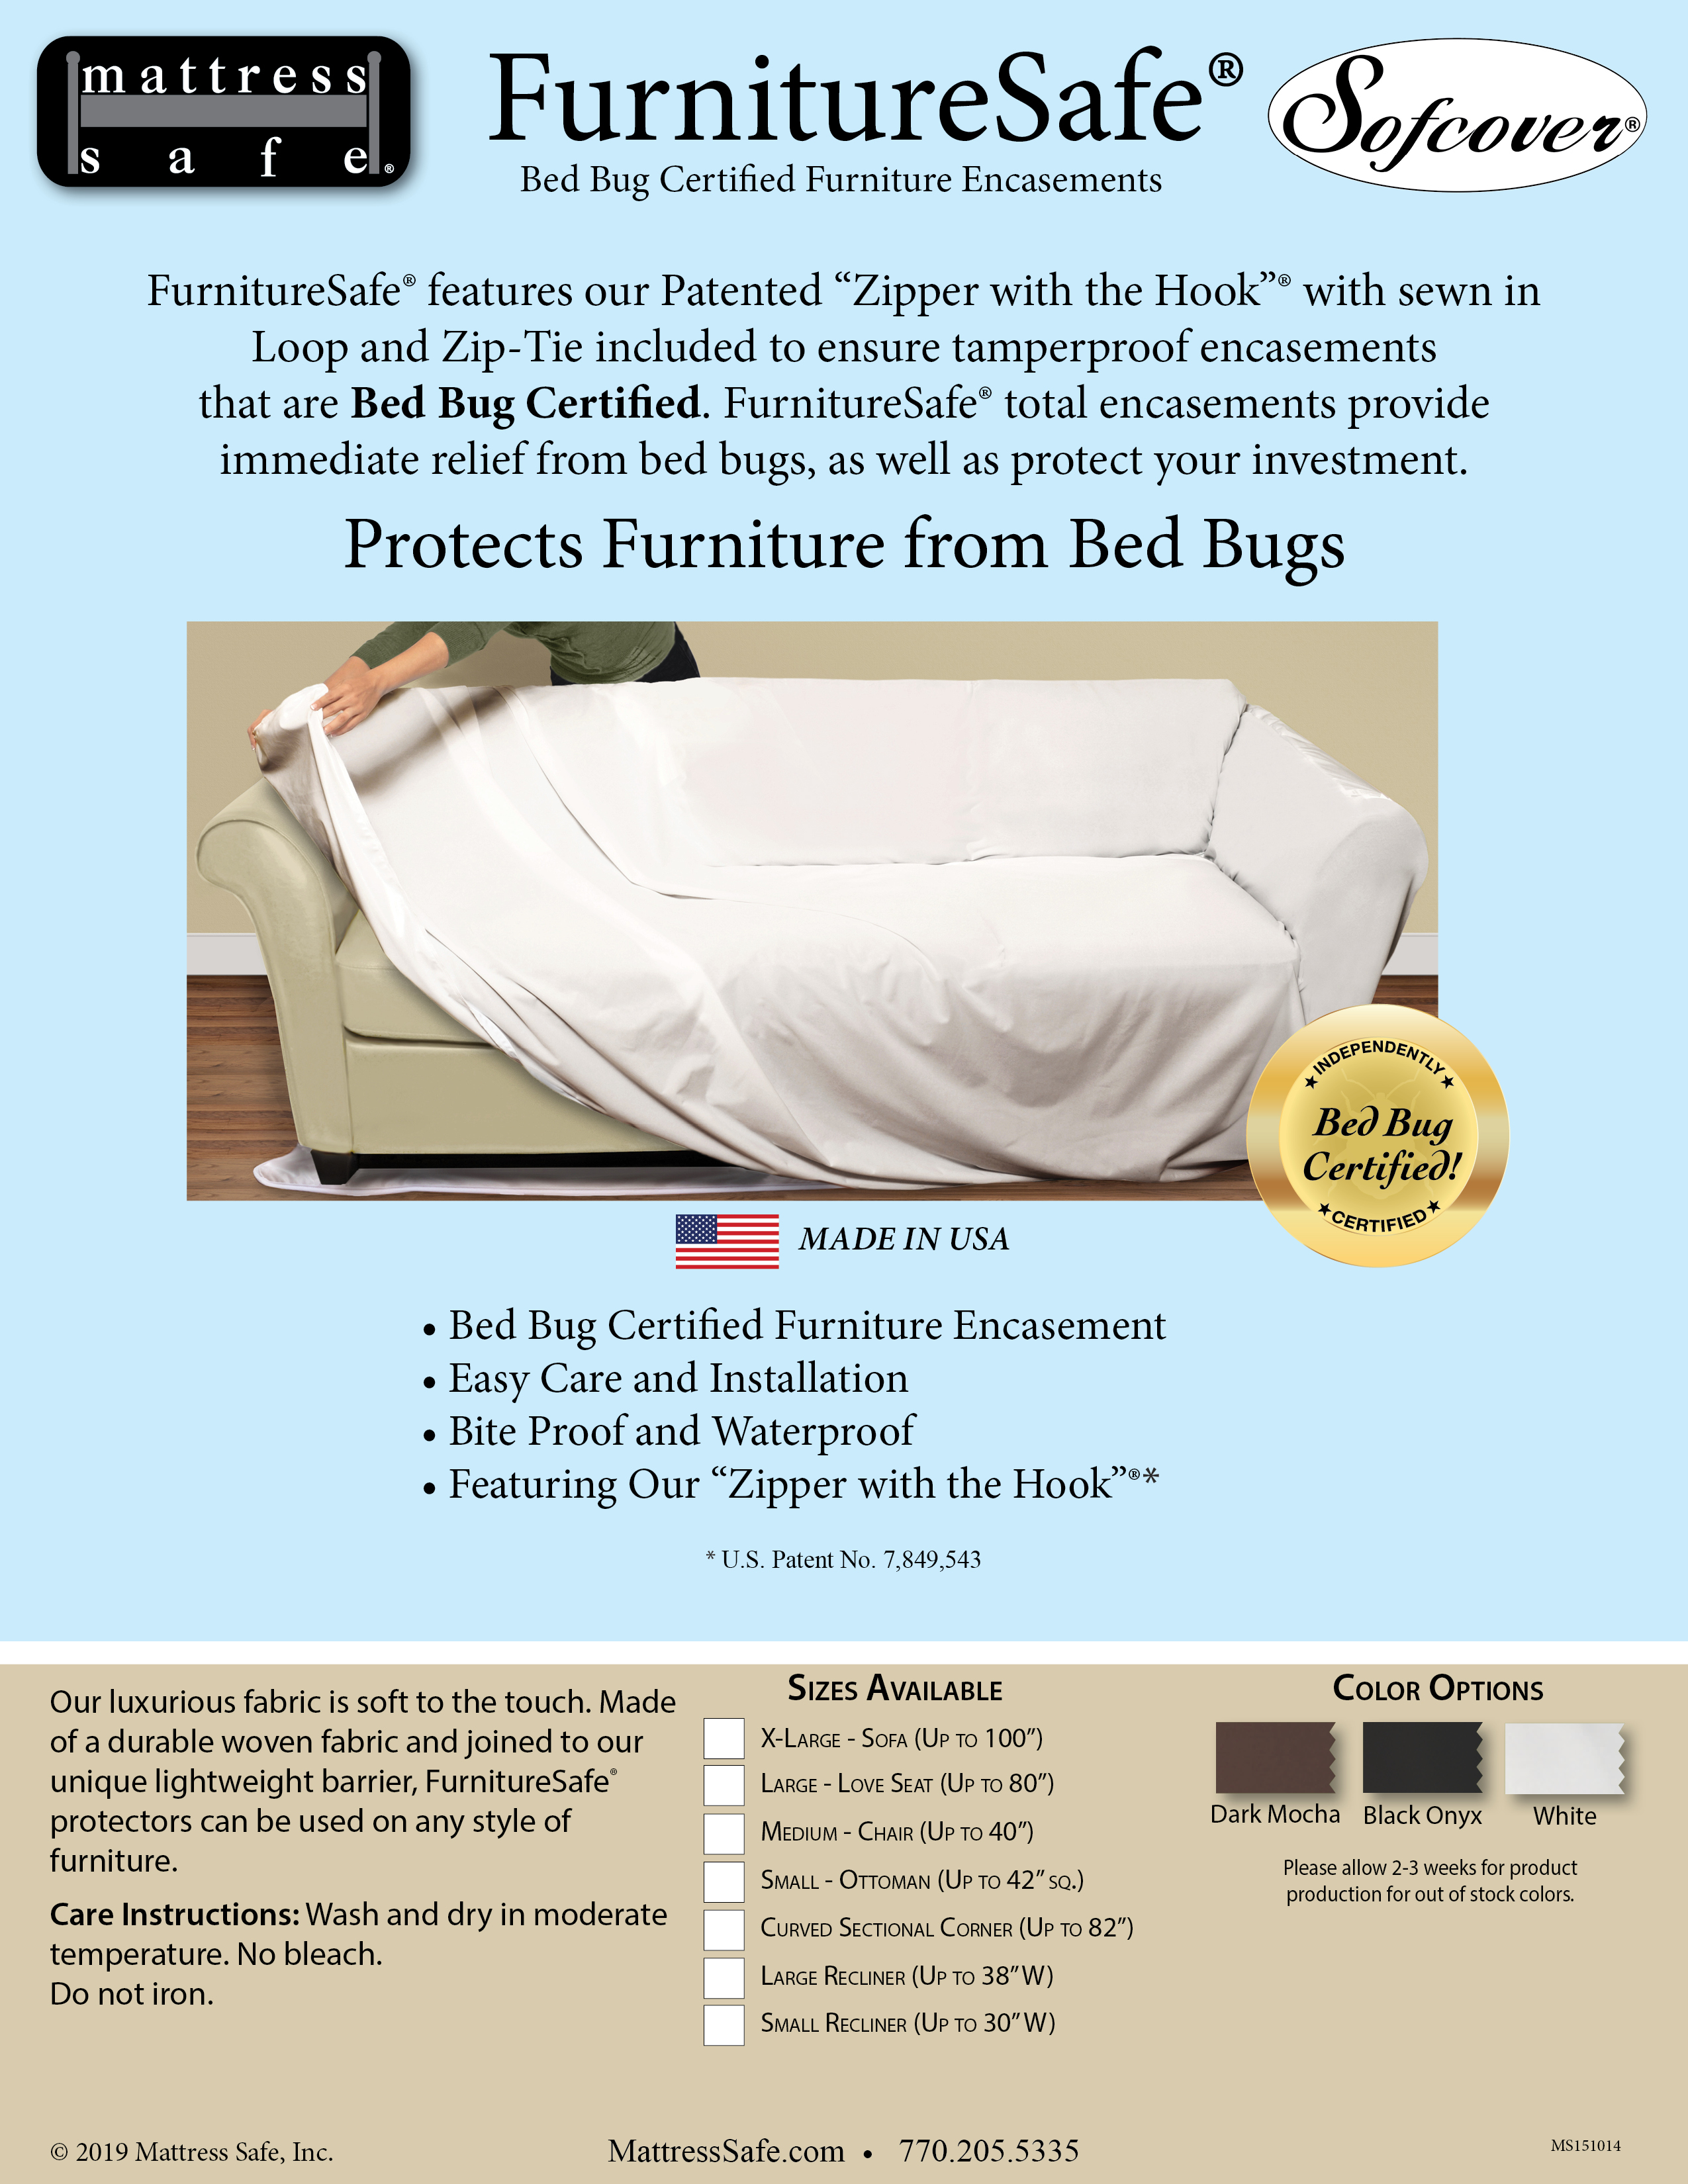 ms2018-furniture-safe-flyer.jpg